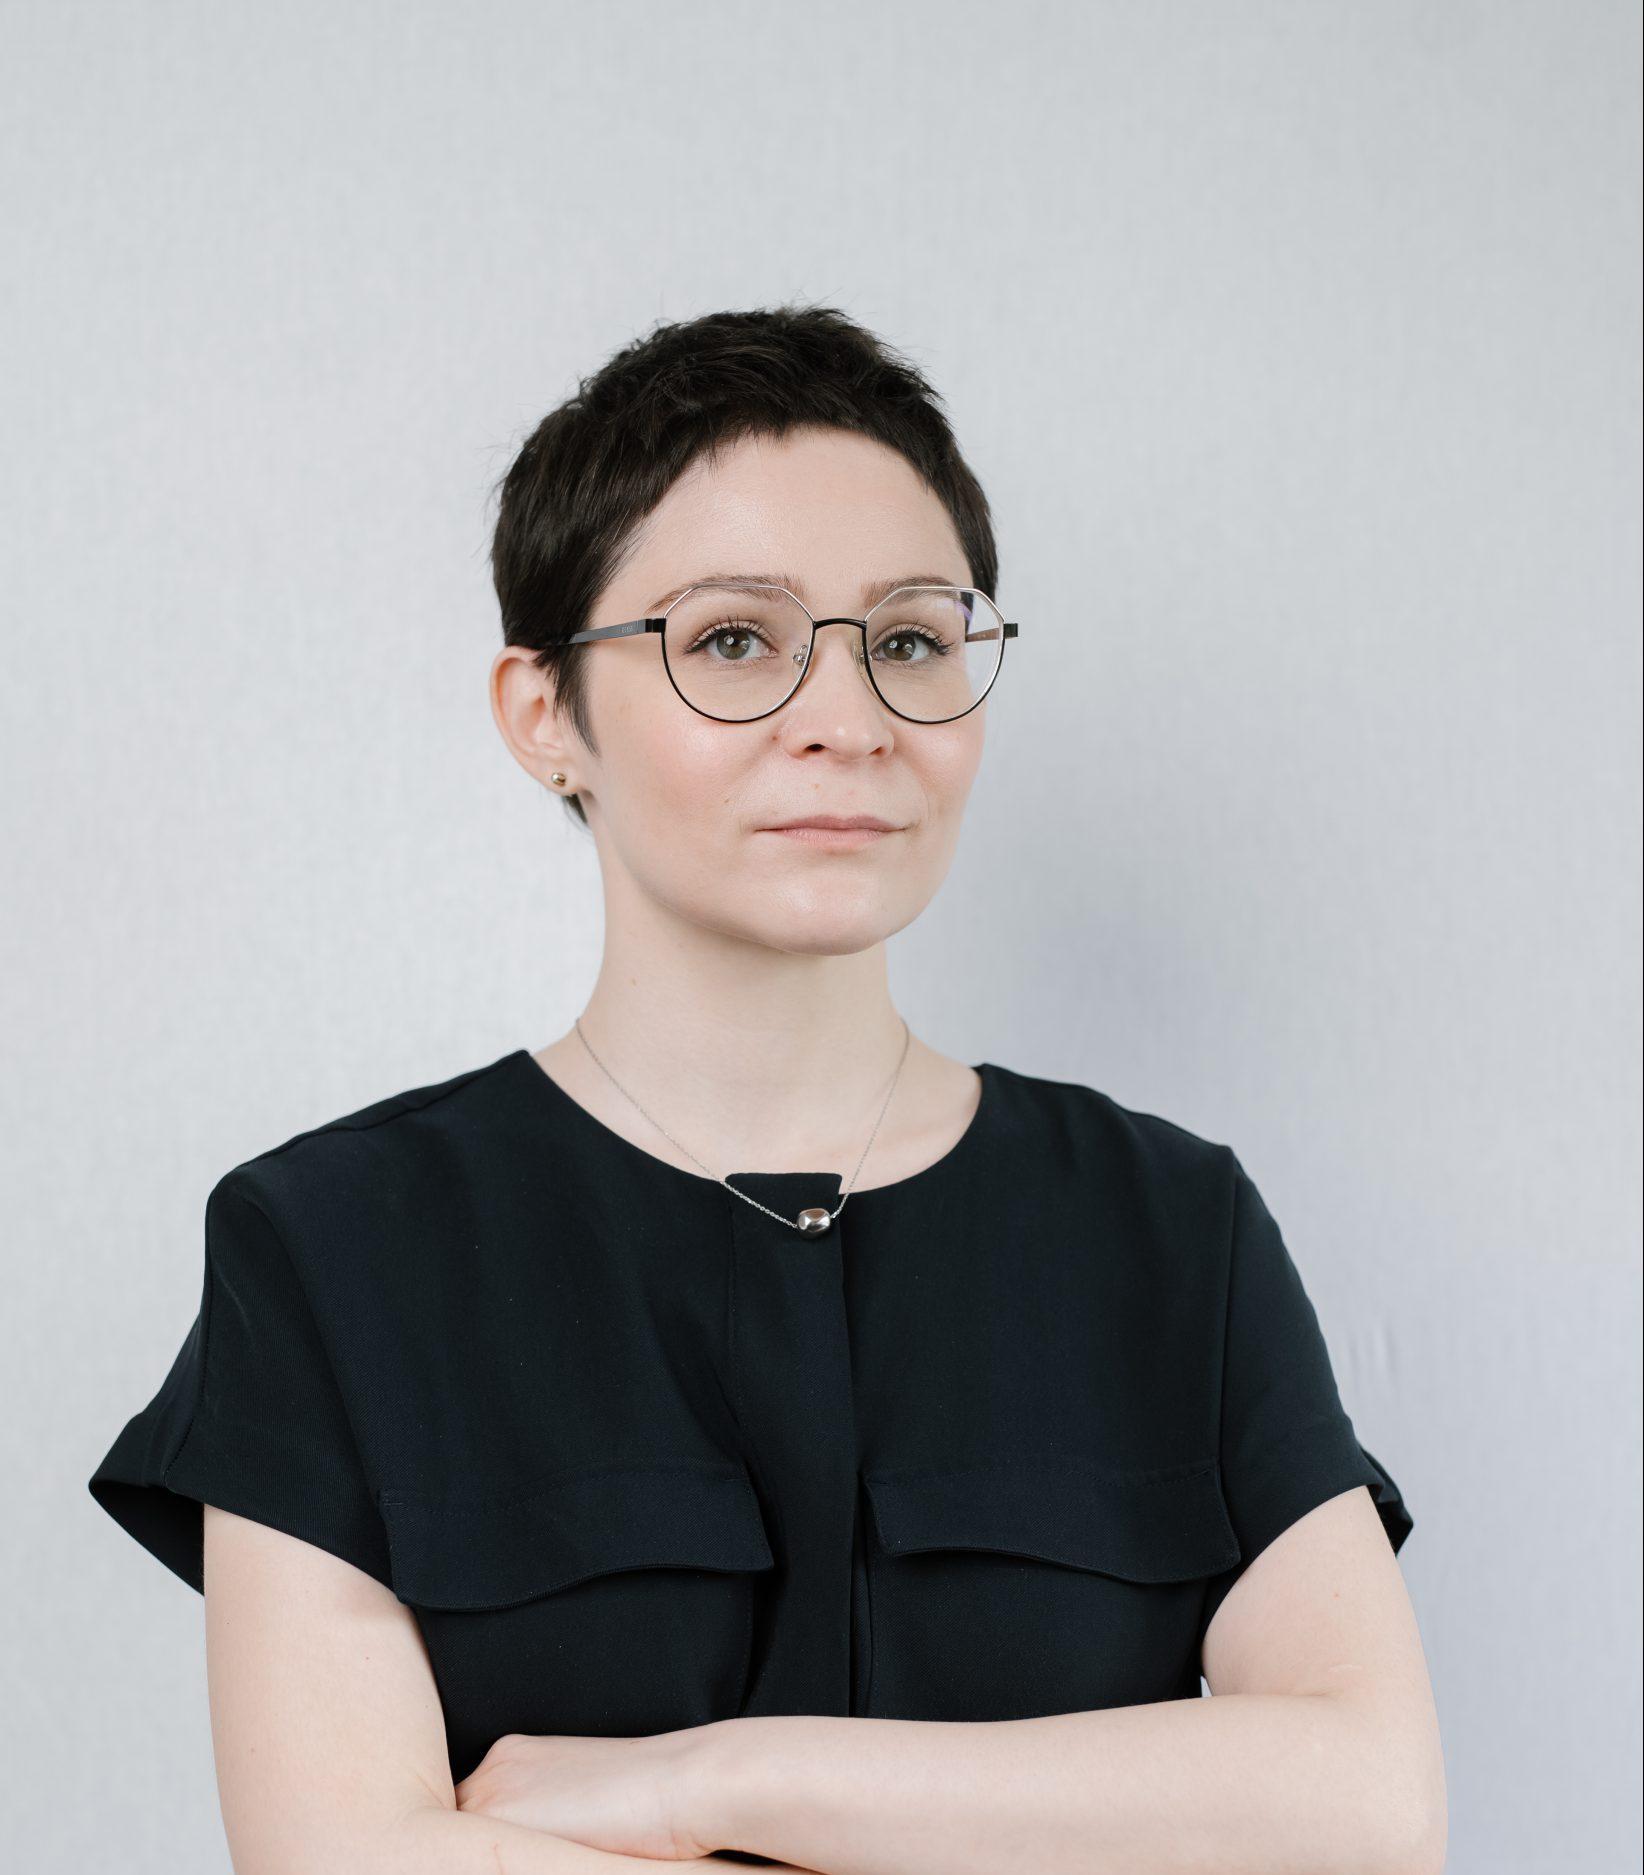 Надежда Янкелевич